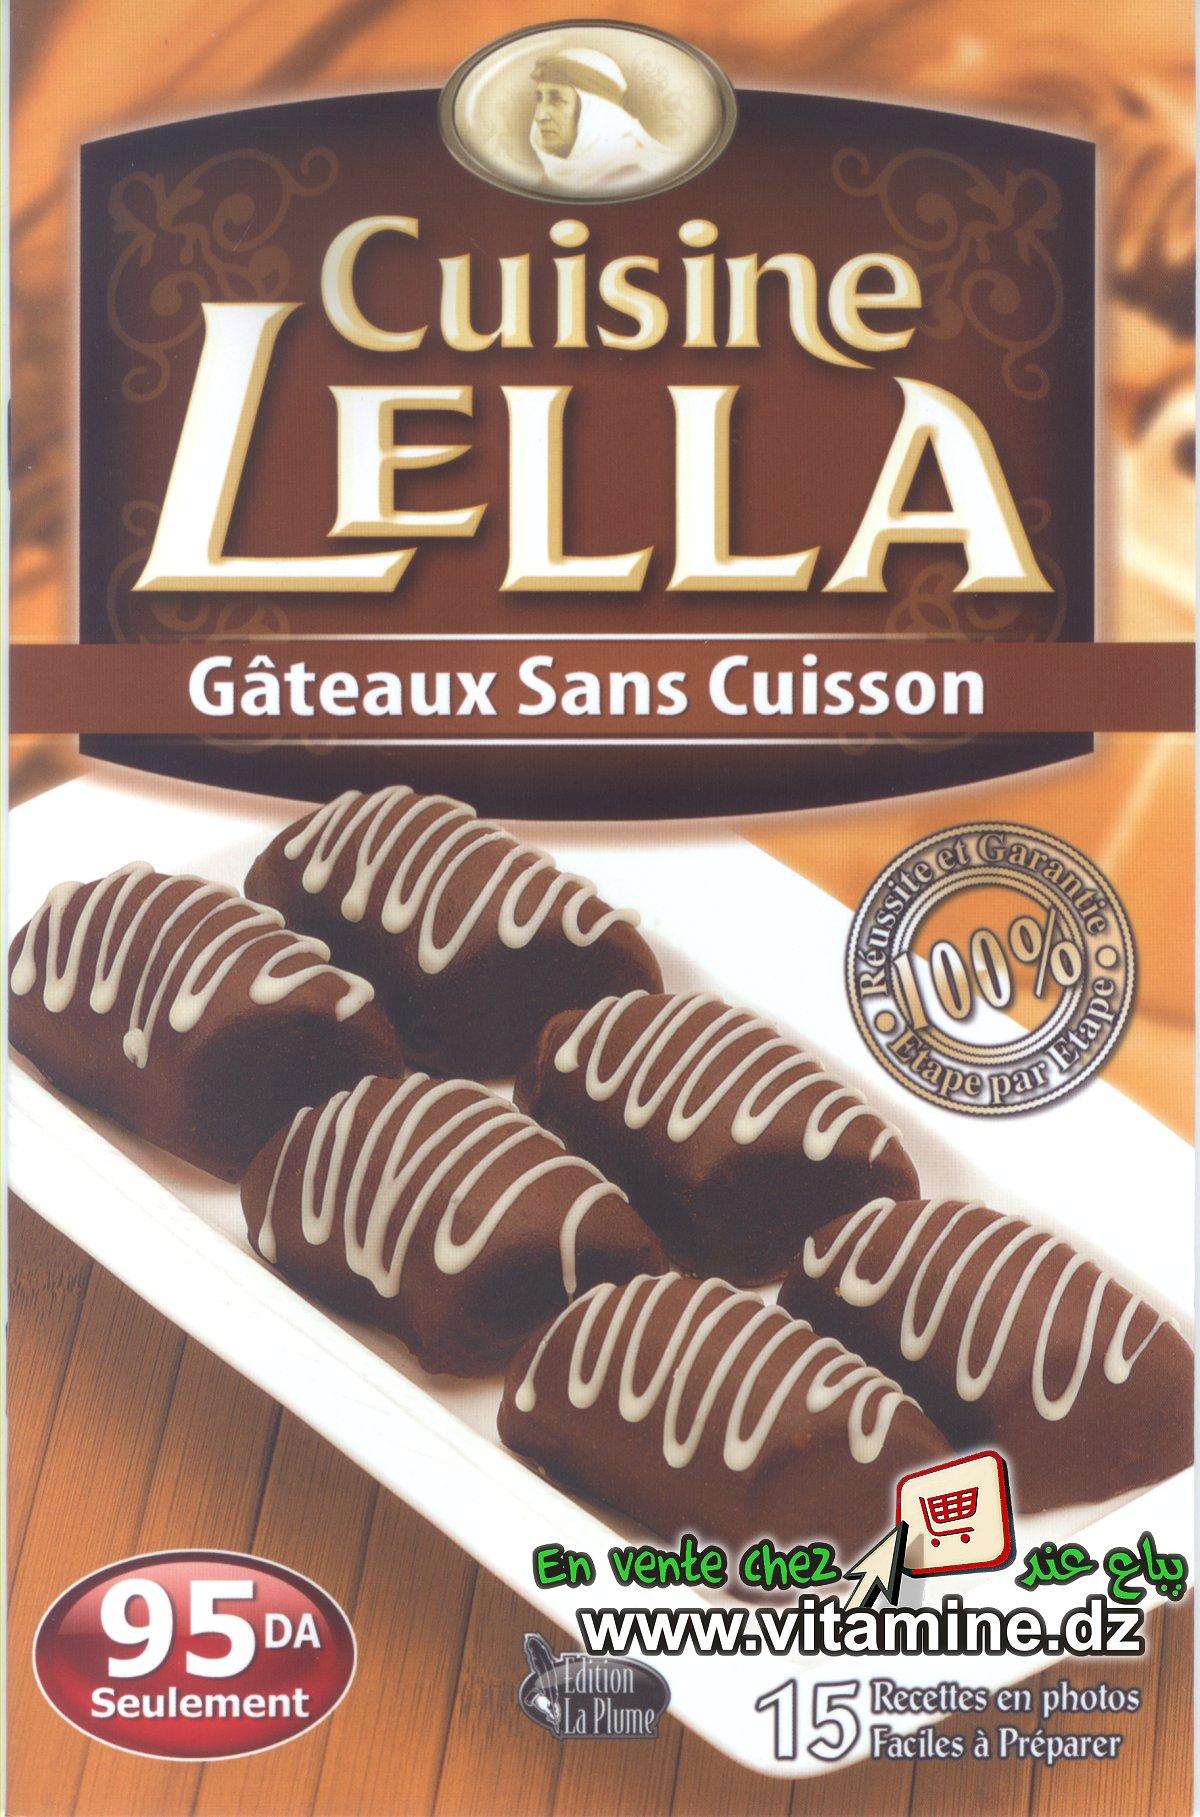 Cuisine Lella - Gâteaux sans cuisson